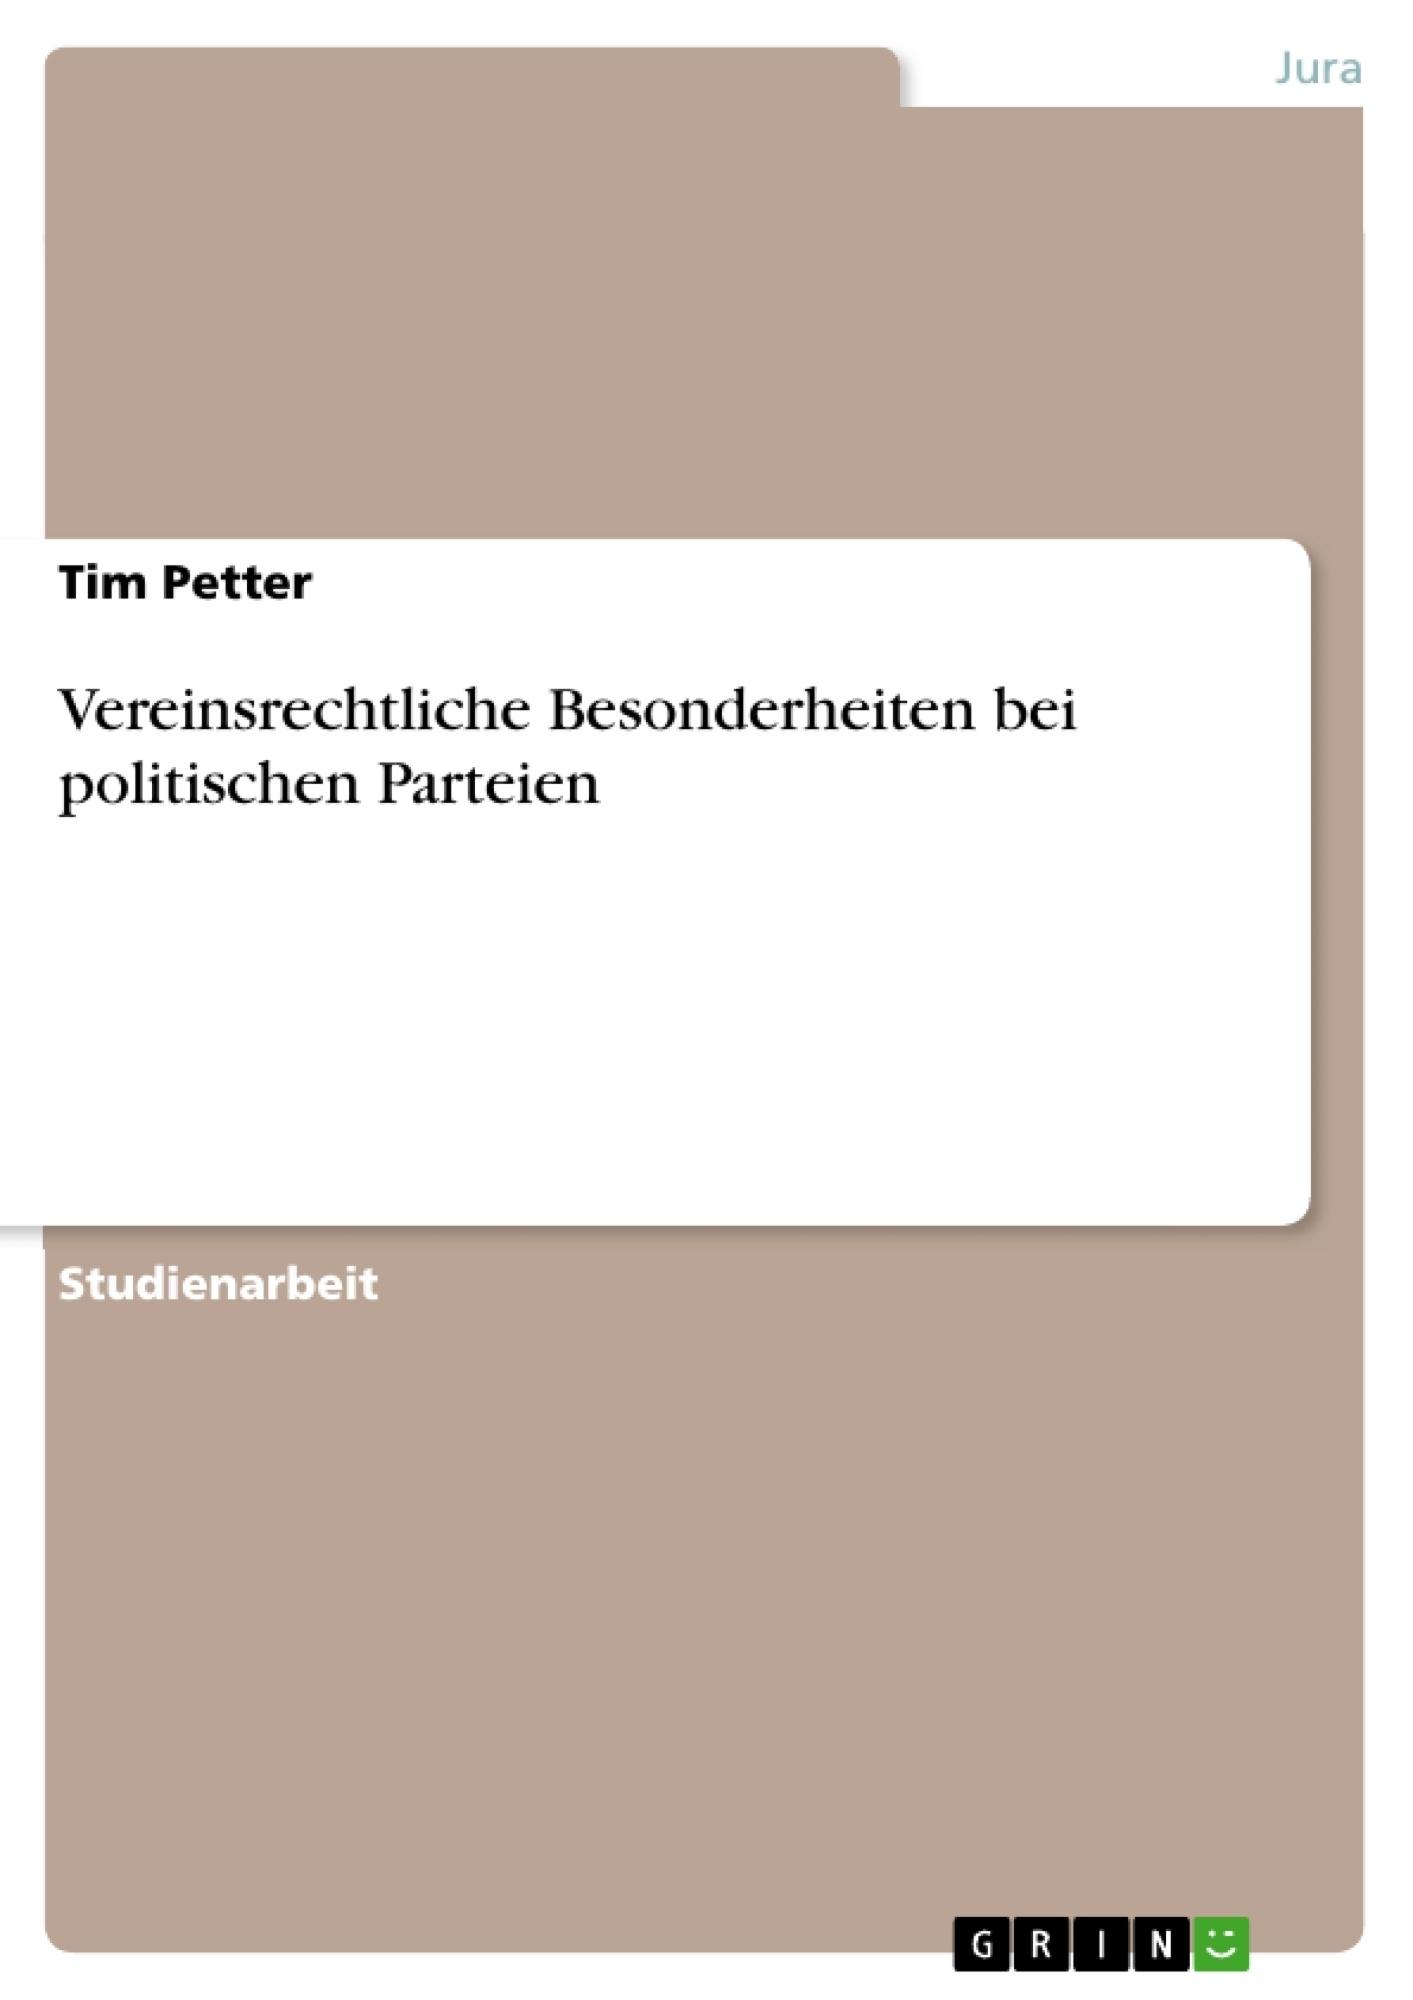 Titel: Vereinsrechtliche Besonderheiten bei politischen Parteien